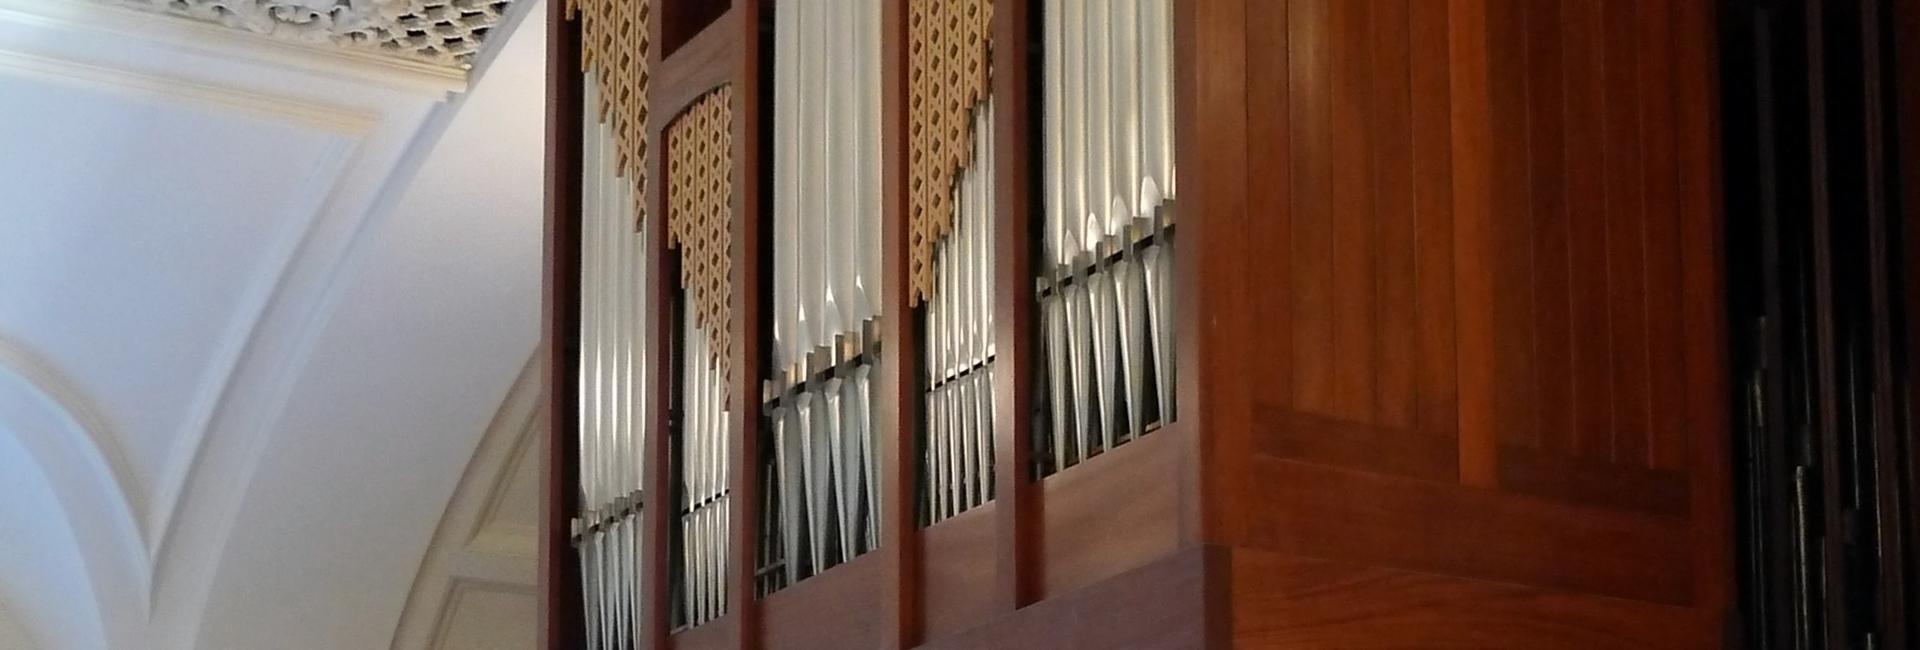 Organ uofa